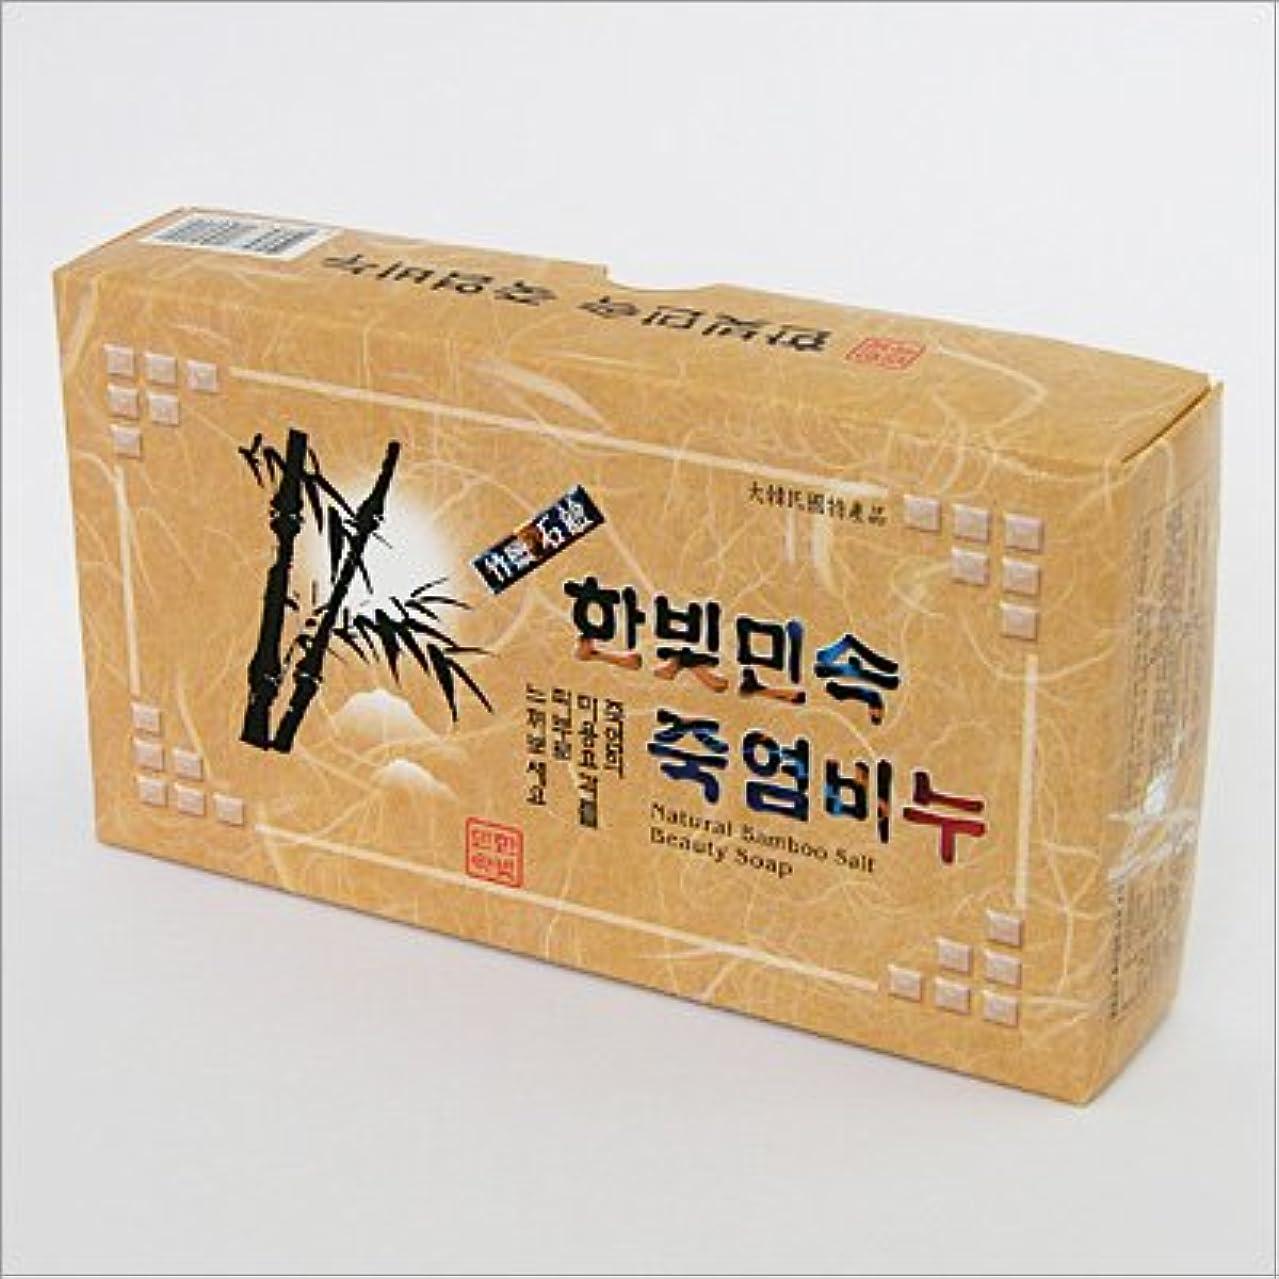 エゴイズムサバント大臣(韓国ブランド) 韓国 竹塩石鹸(3個セット)